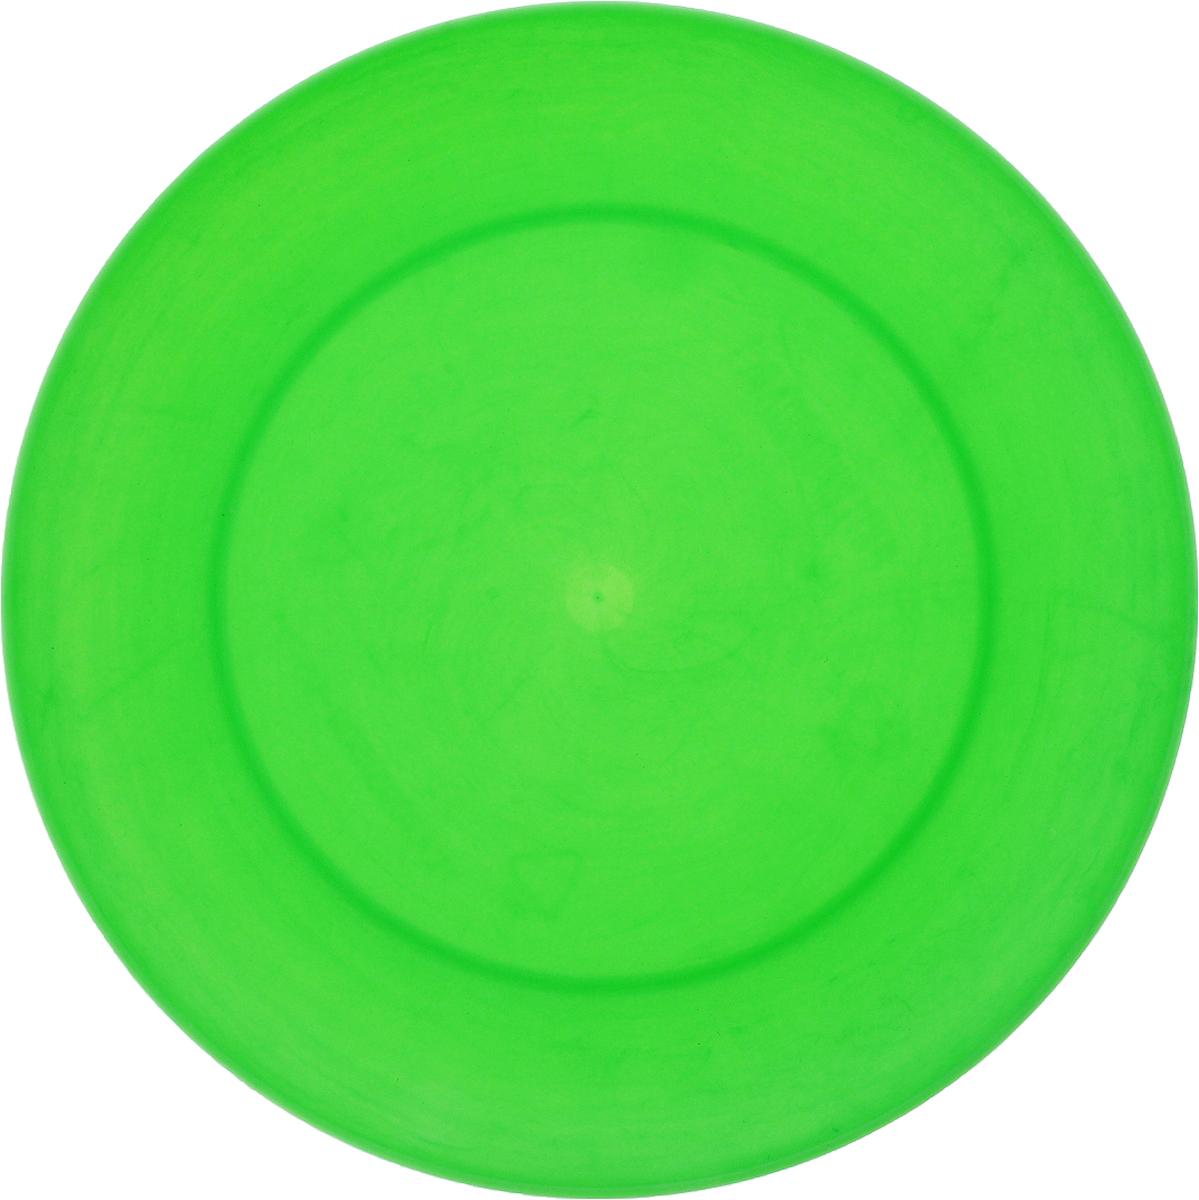 Тарелка Gotoff, цвет: зеленый, диаметр 20,3 смWTC-271_зеленыйТарелка Gotoff изготовлена из цветного пищевого полипропилена и предназначена для холодной и горячей пищи. Выдерживает температурный режим в пределах от -25°С до +110°C. Посуду из пластика можно использовать в микроволновой печи, но необходимо, чтобы нагрев не превышал максимально допустимую температуру. Удобная, легкая и практичная посуда для пикника и дачи поможет сервировать стол без хлопот!Диаметр тарелки (по верхнему краю): 20,3 см. Высота тарелки: 2 см.